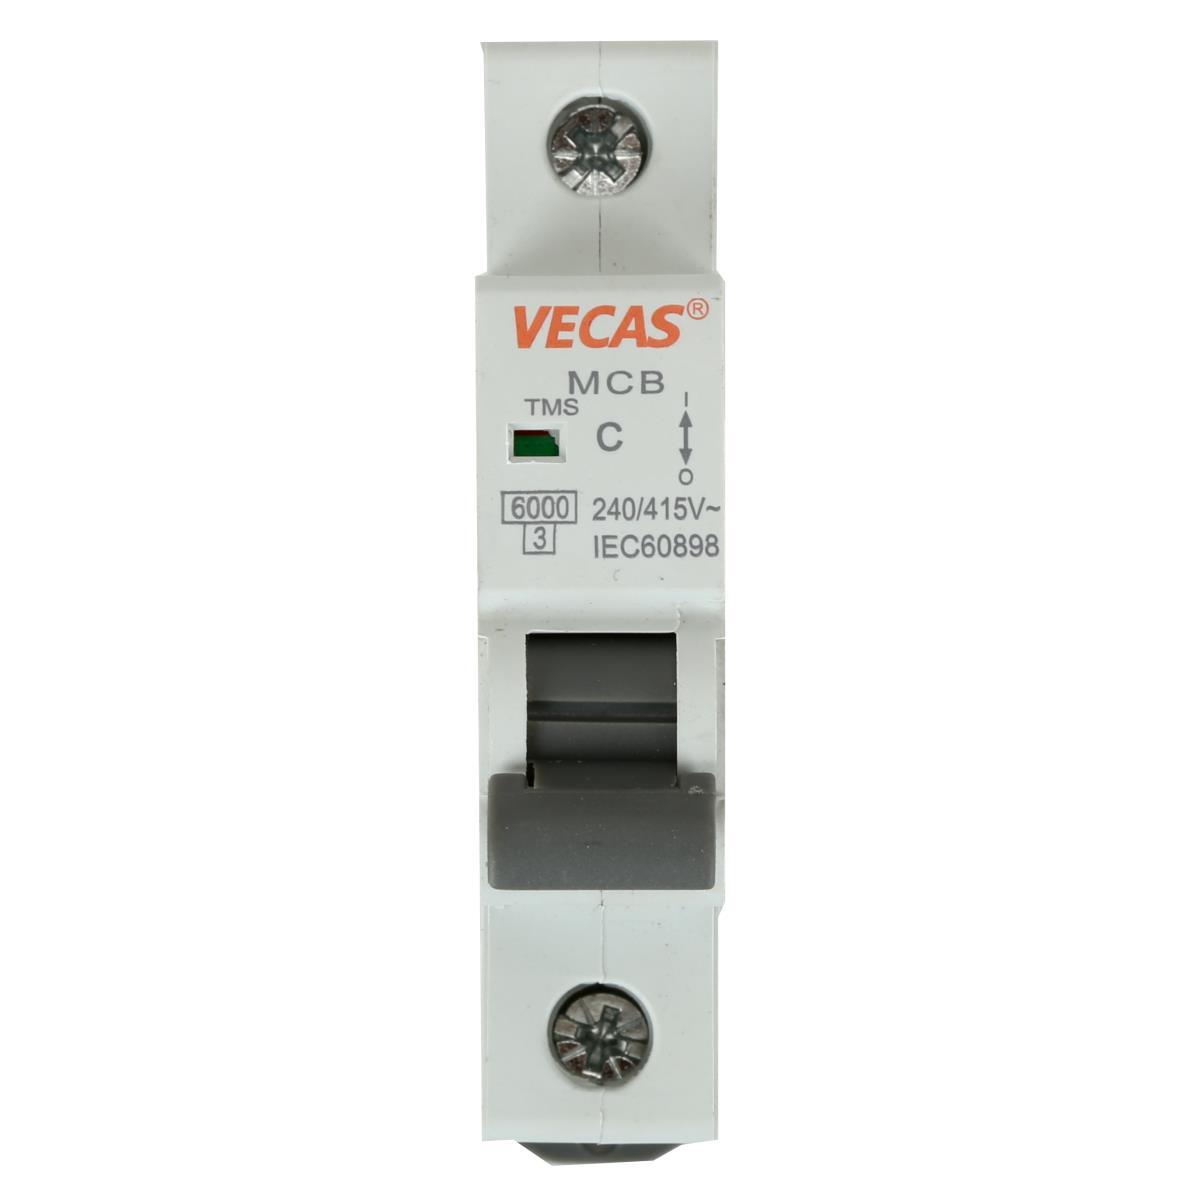 Leitungsschutzschalter Sicherungsautomat  B, 1-polig, 20A LS-Schalter,Vecas,L7-20-1-B, 4770364101441